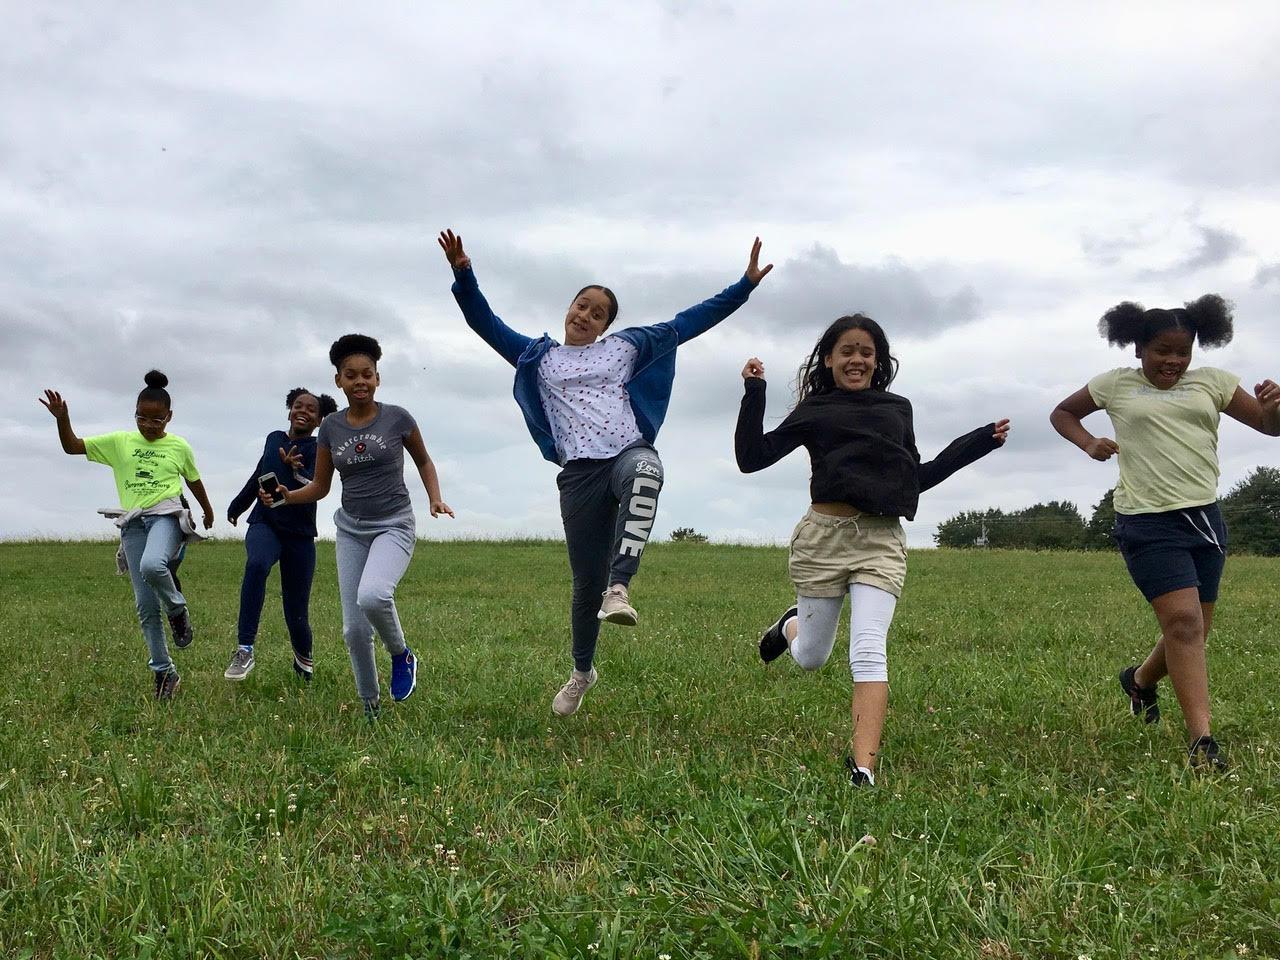 Youth Farm Interns: Anitza, Ajize, Lamaya, Lianna, Vivian, Mahogany